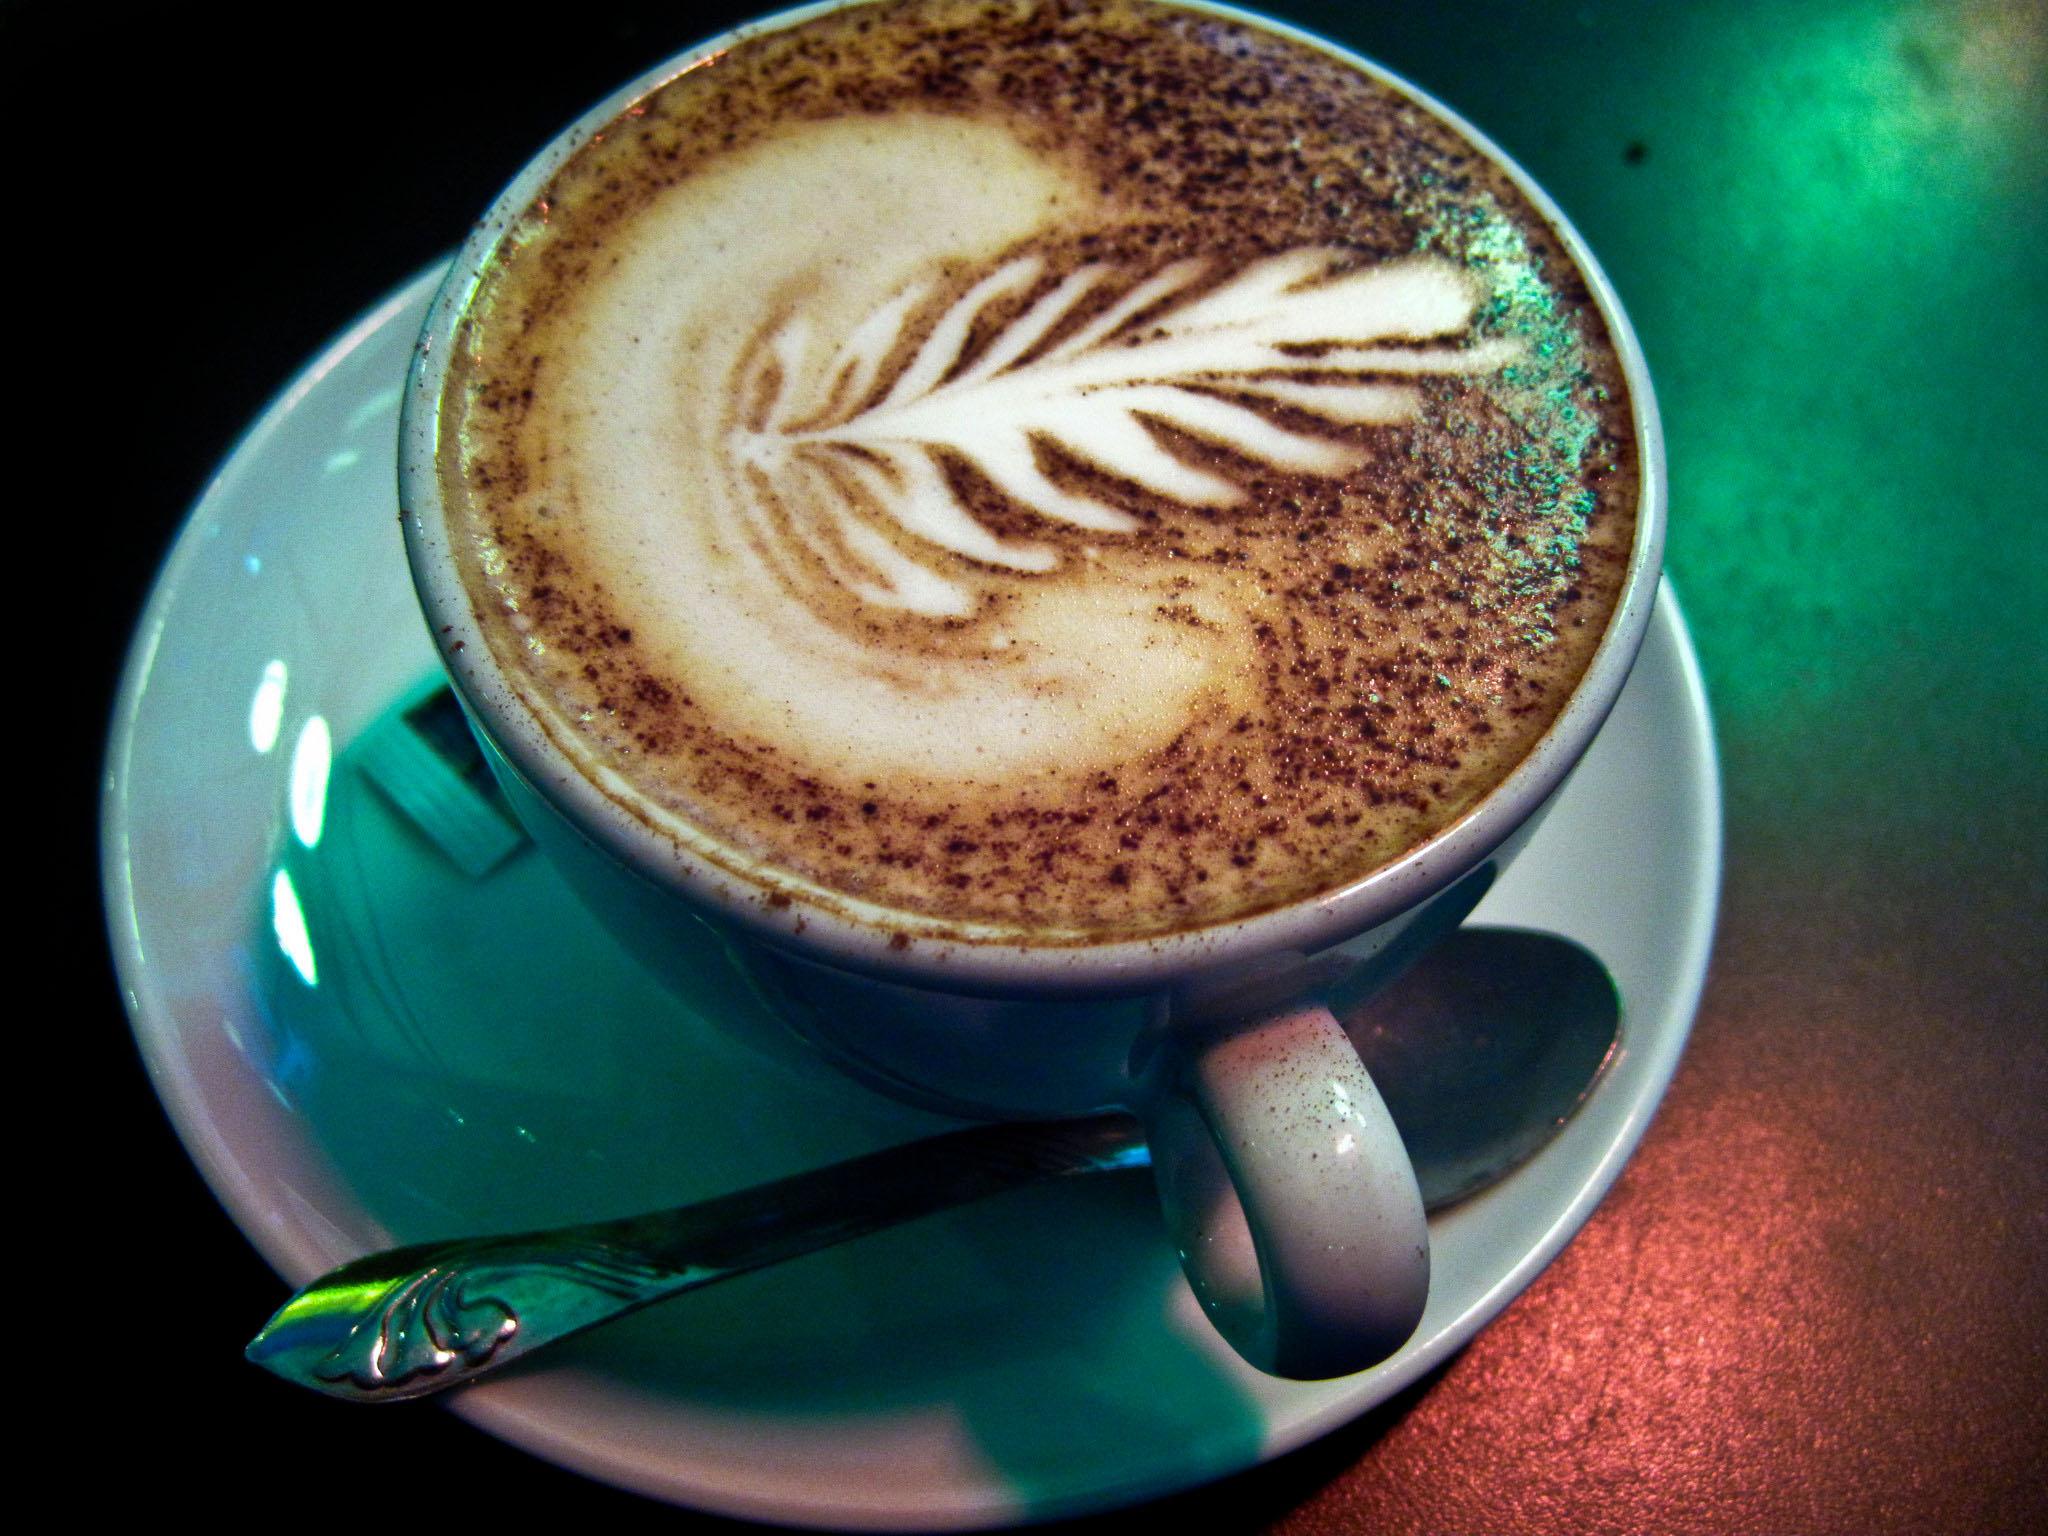 Gocce di Caffè - Cappuccino with Cocoa Powder